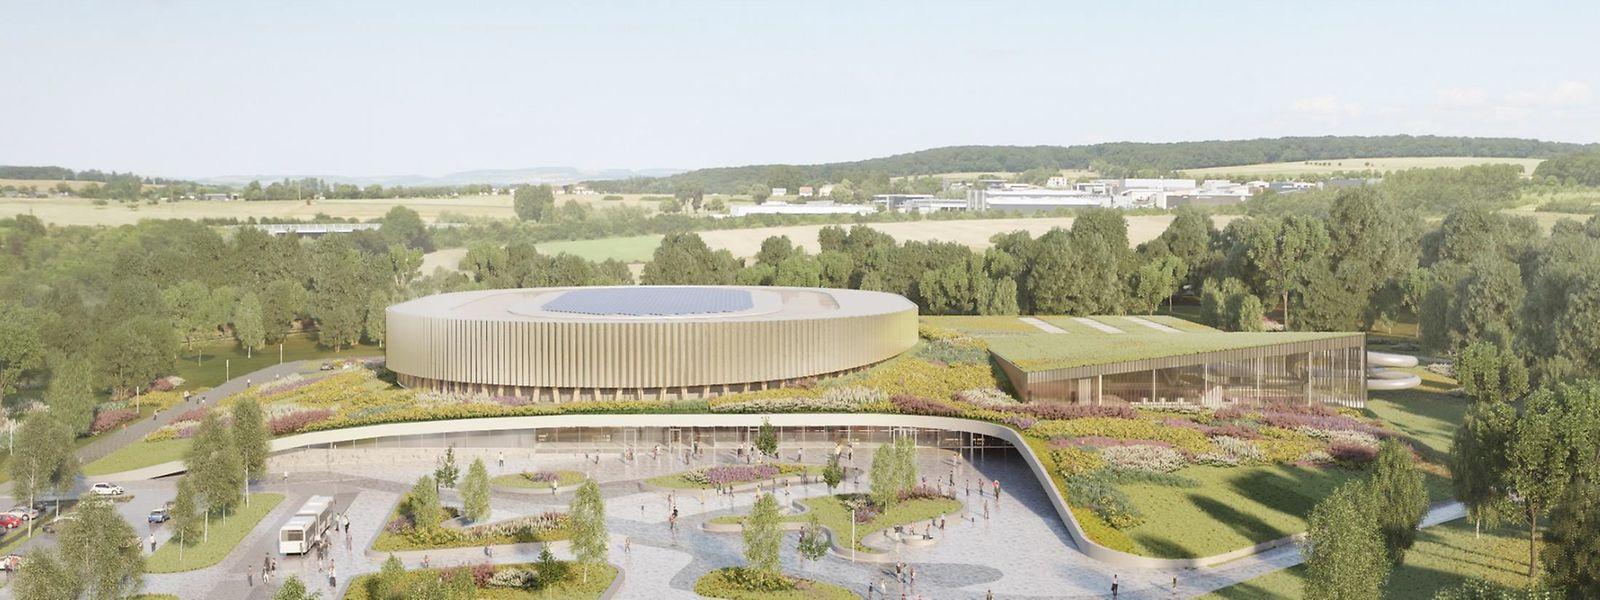 Selon une estimation, le vélodrome avec son toit rond et le complexe immobilier incluant une piscine couverte et une salle de sport coûteront 65 millions d'euros.